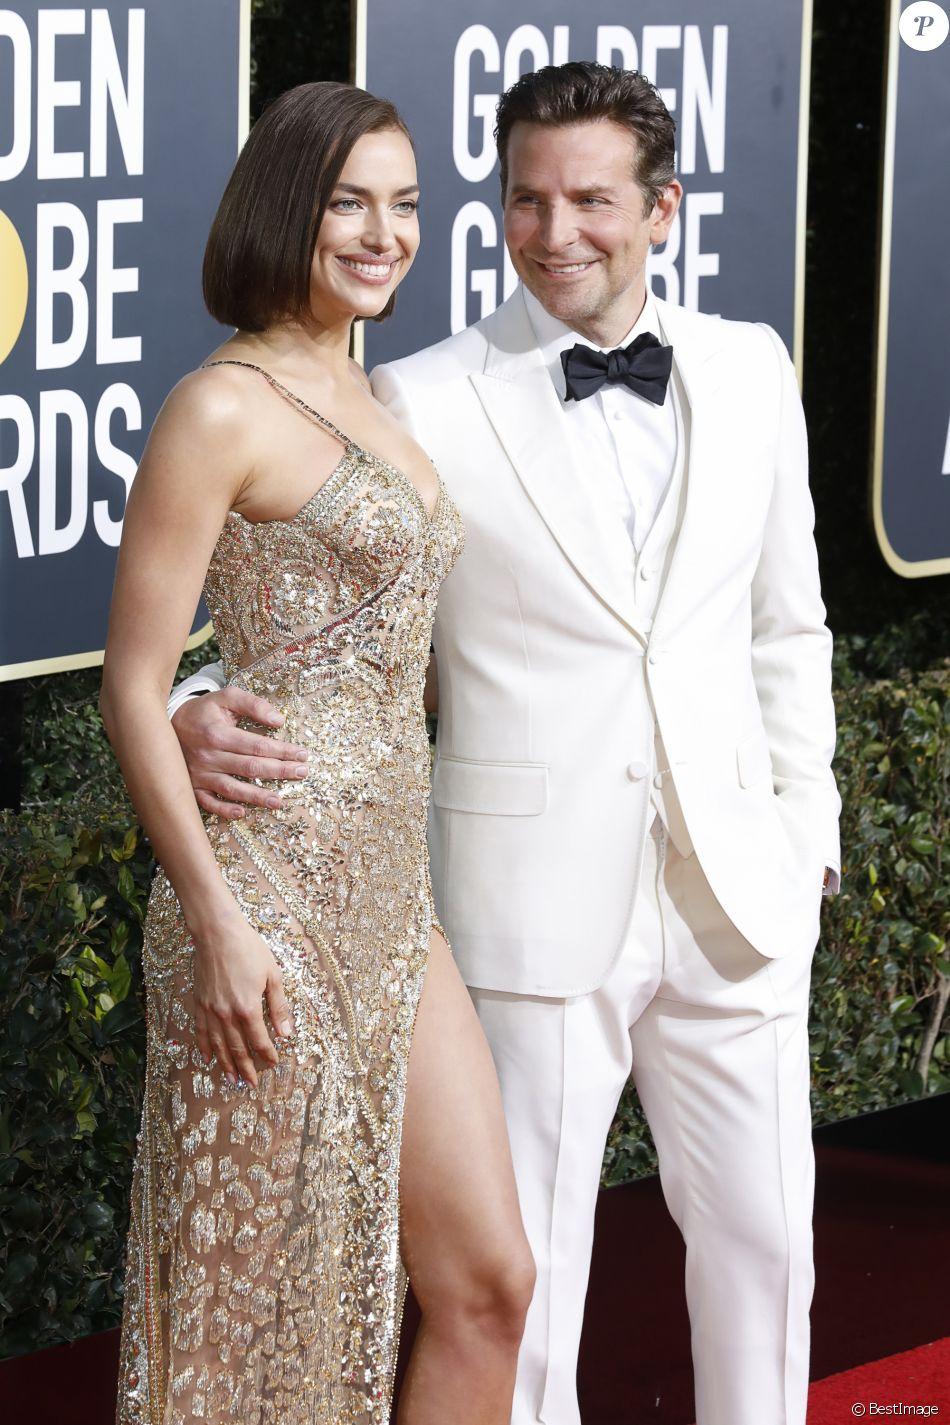 Irina Shayk (robe Atelier Versace) et son compagnon Bradley Cooper - Photocall de la 76ème cérémonie annuelle des Golden Globe Awards au Beverly Hilton Hotel à Los Angeles, le 6 janvier 2019.